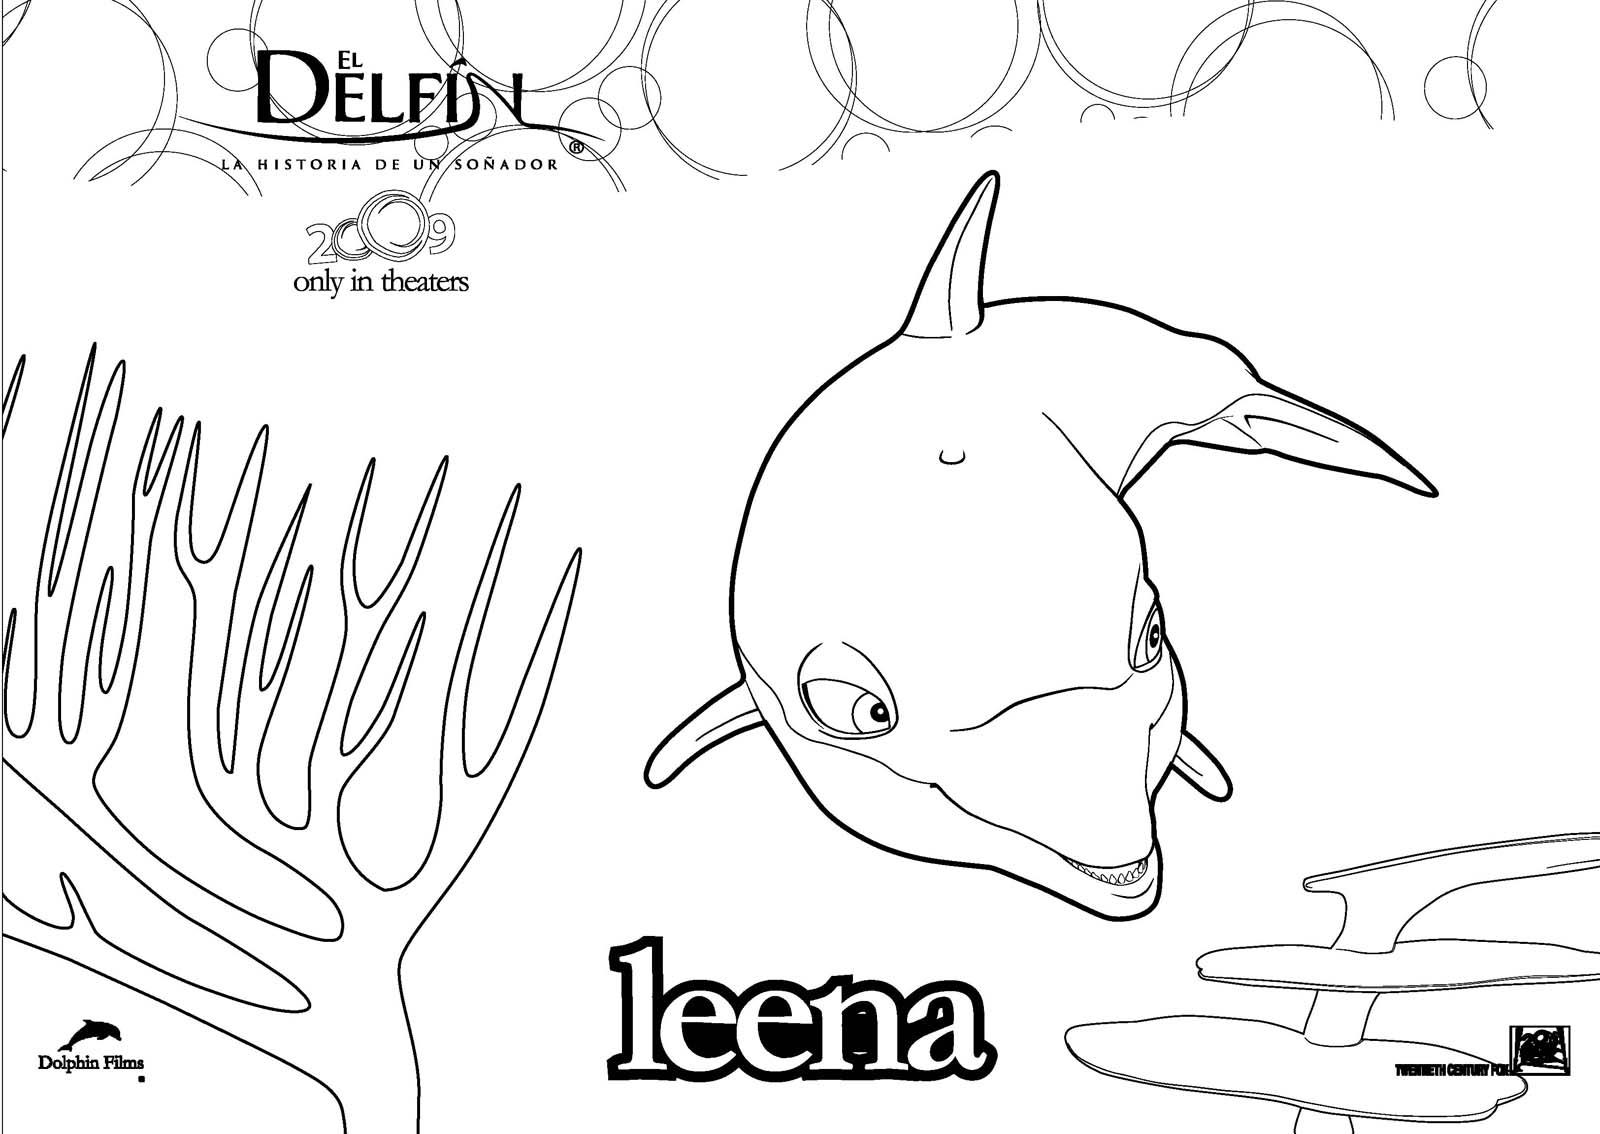 Bonito Para Colorear Delfín Elaboración - Dibujos Para Colorear En ...